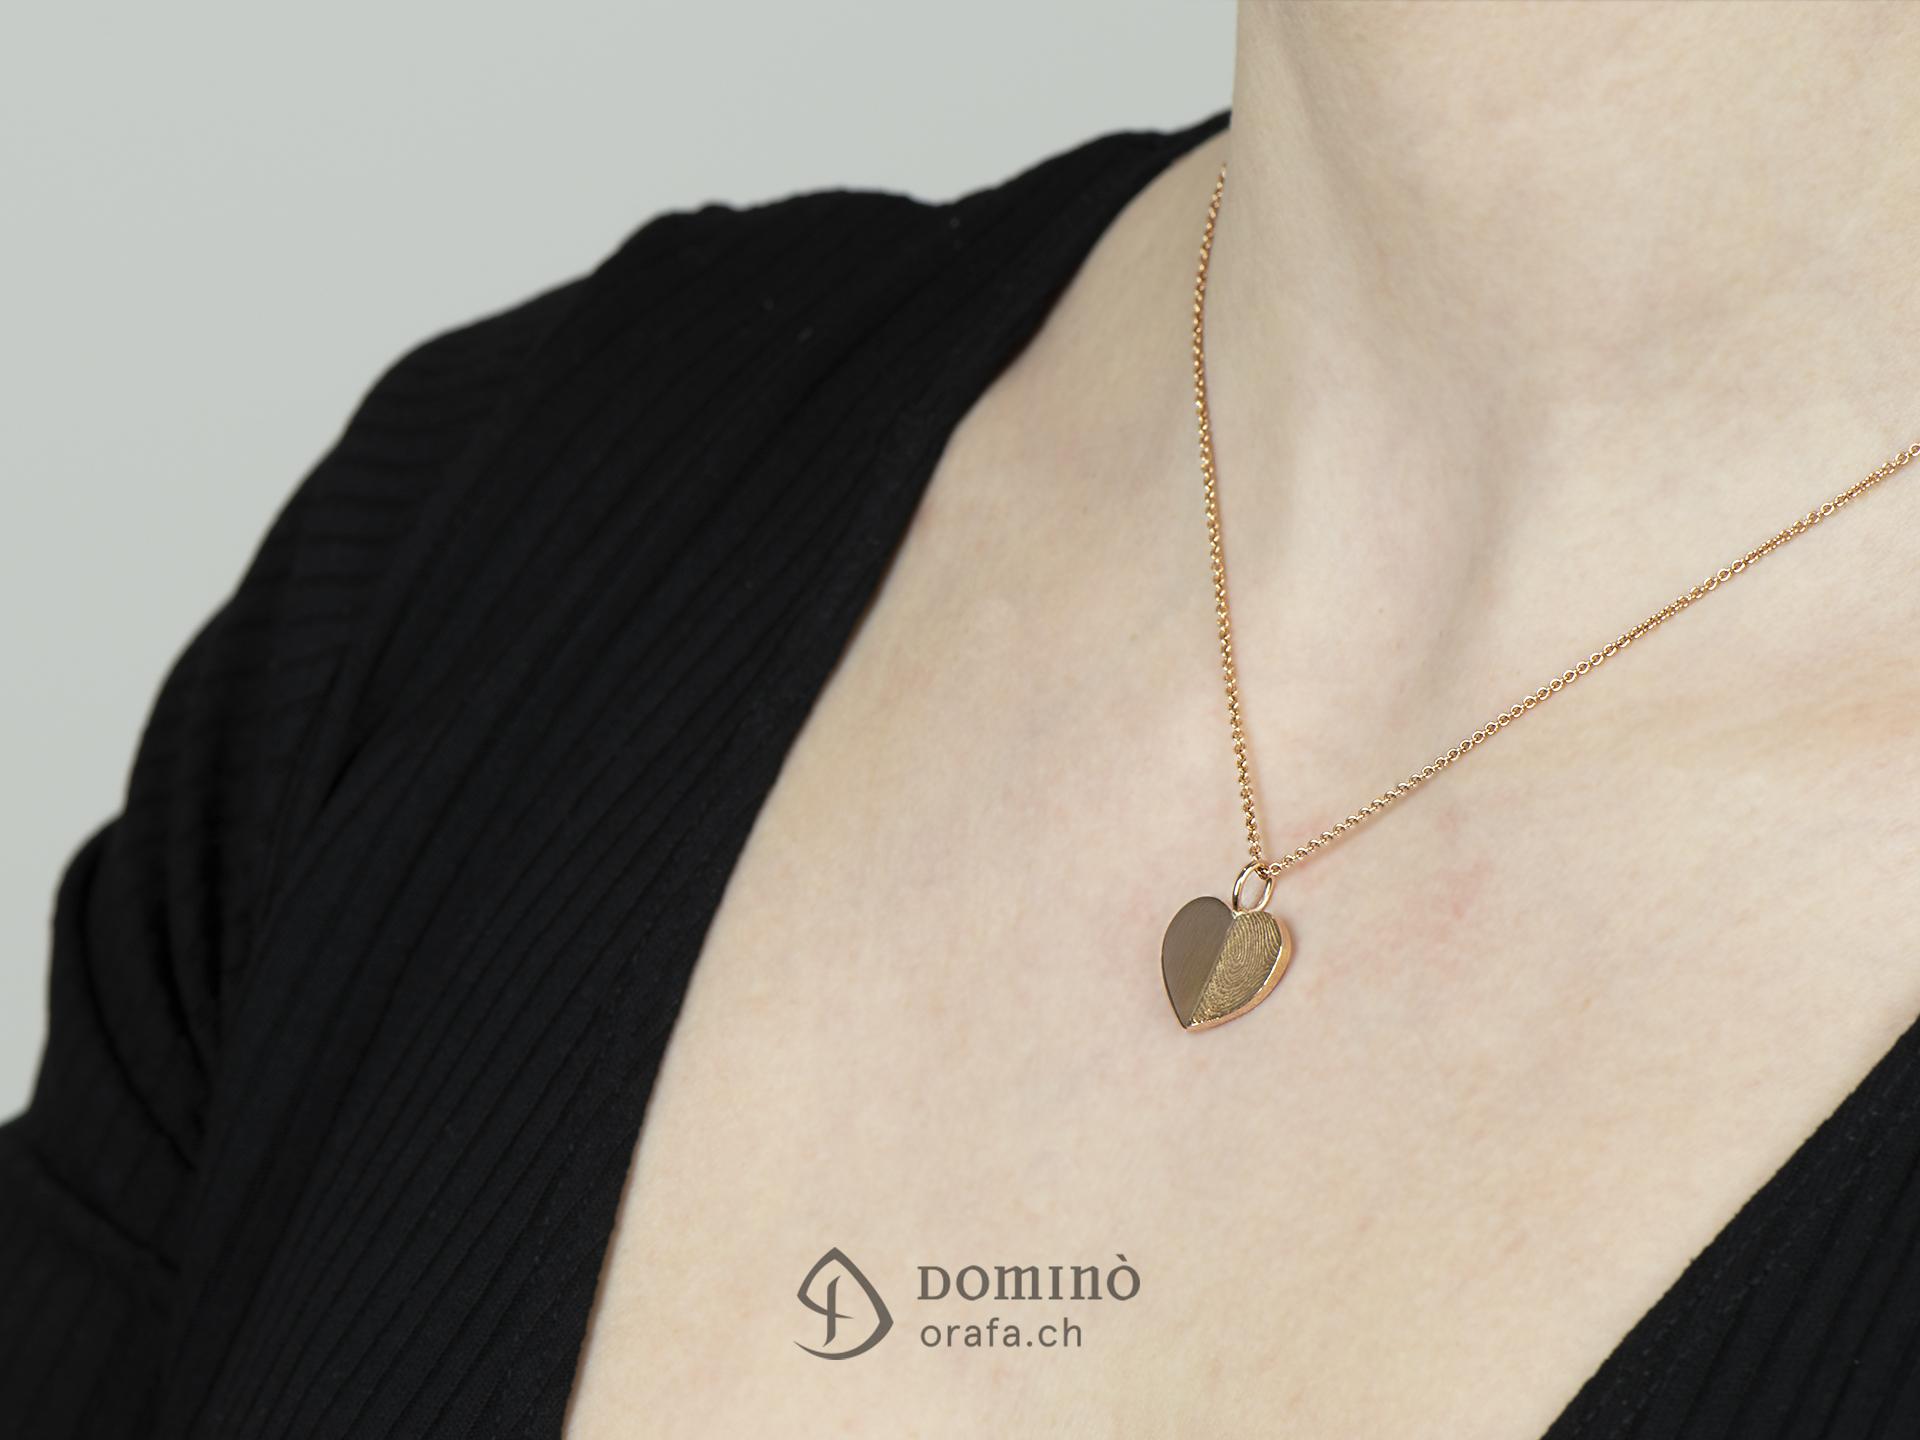 ciondolo-cuore-meta-impronta-digitale-meta-lucido-2